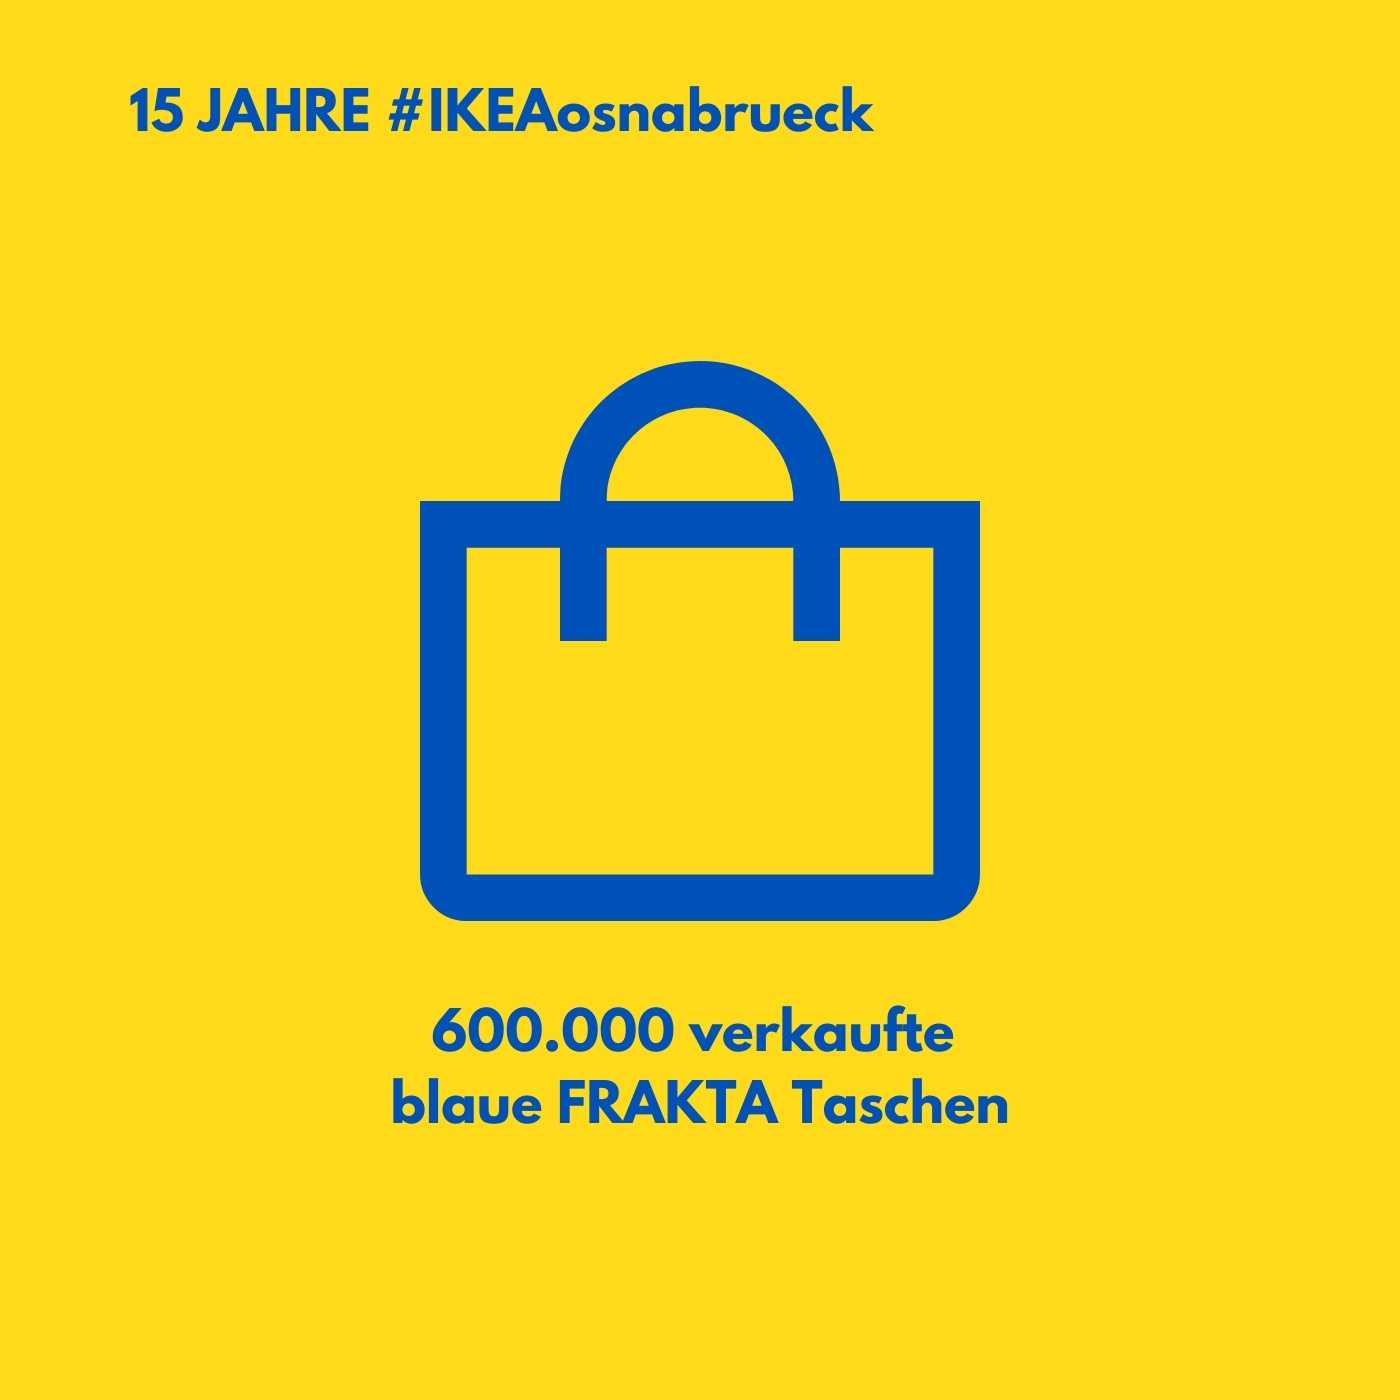 IKEA Katalog 2021, IKEA Osnabrück